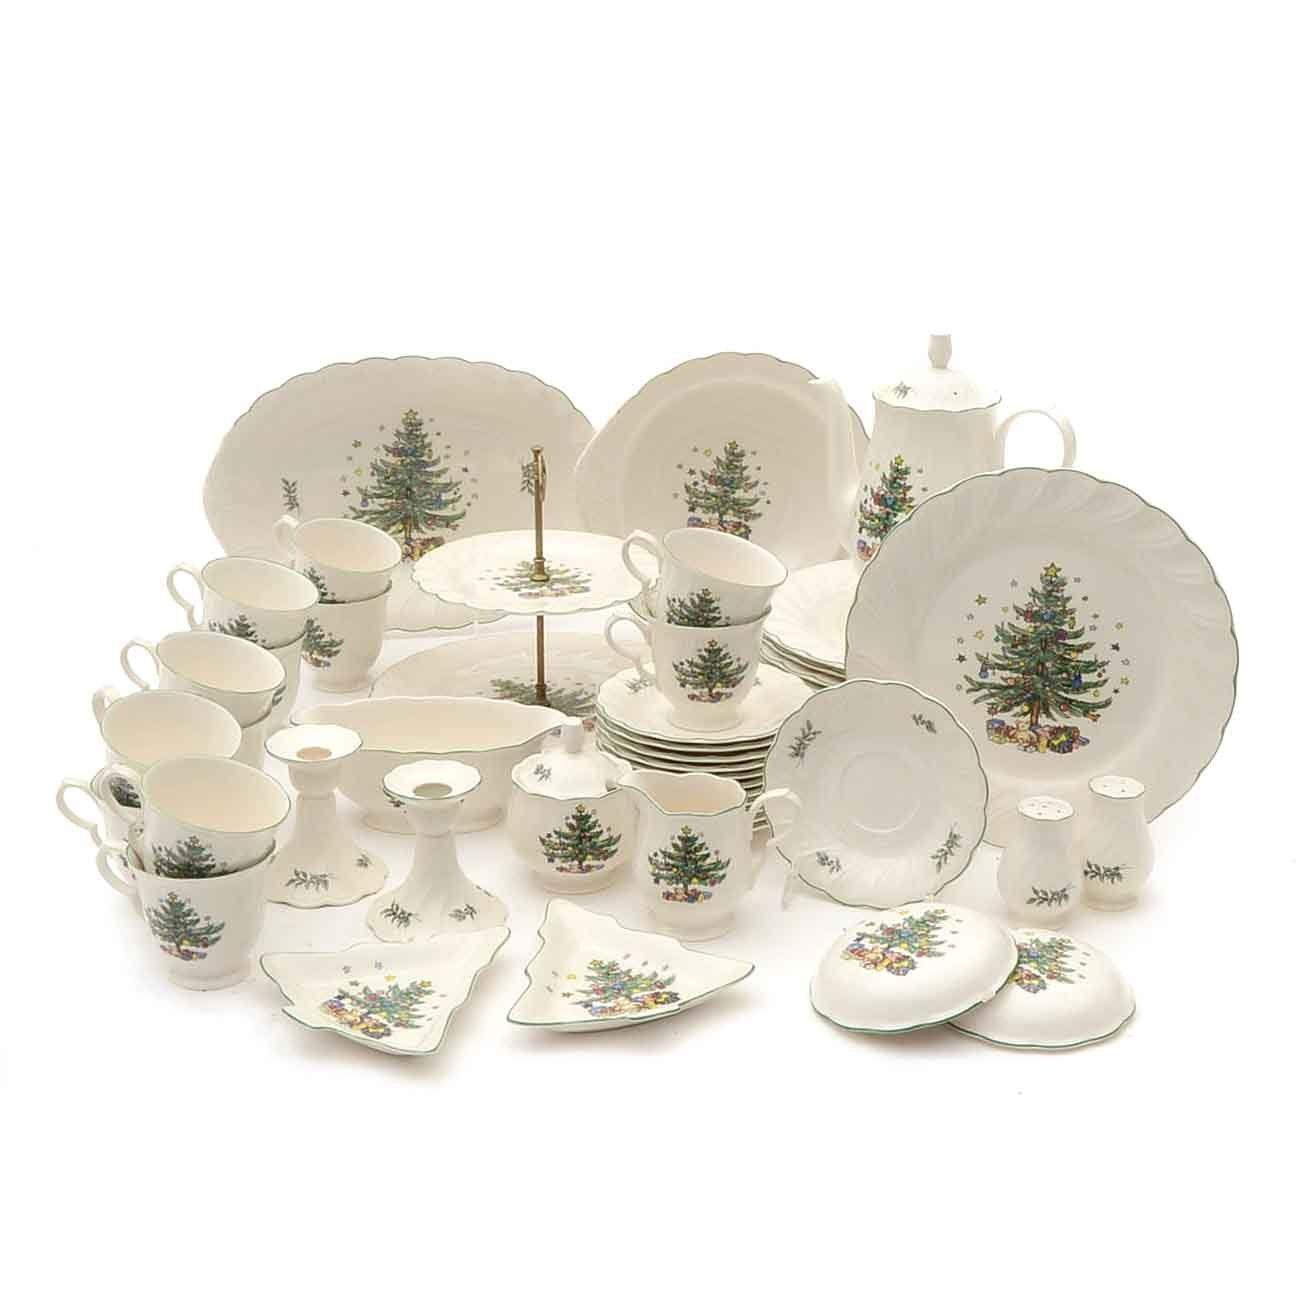 Collection of Nikko Christmas China